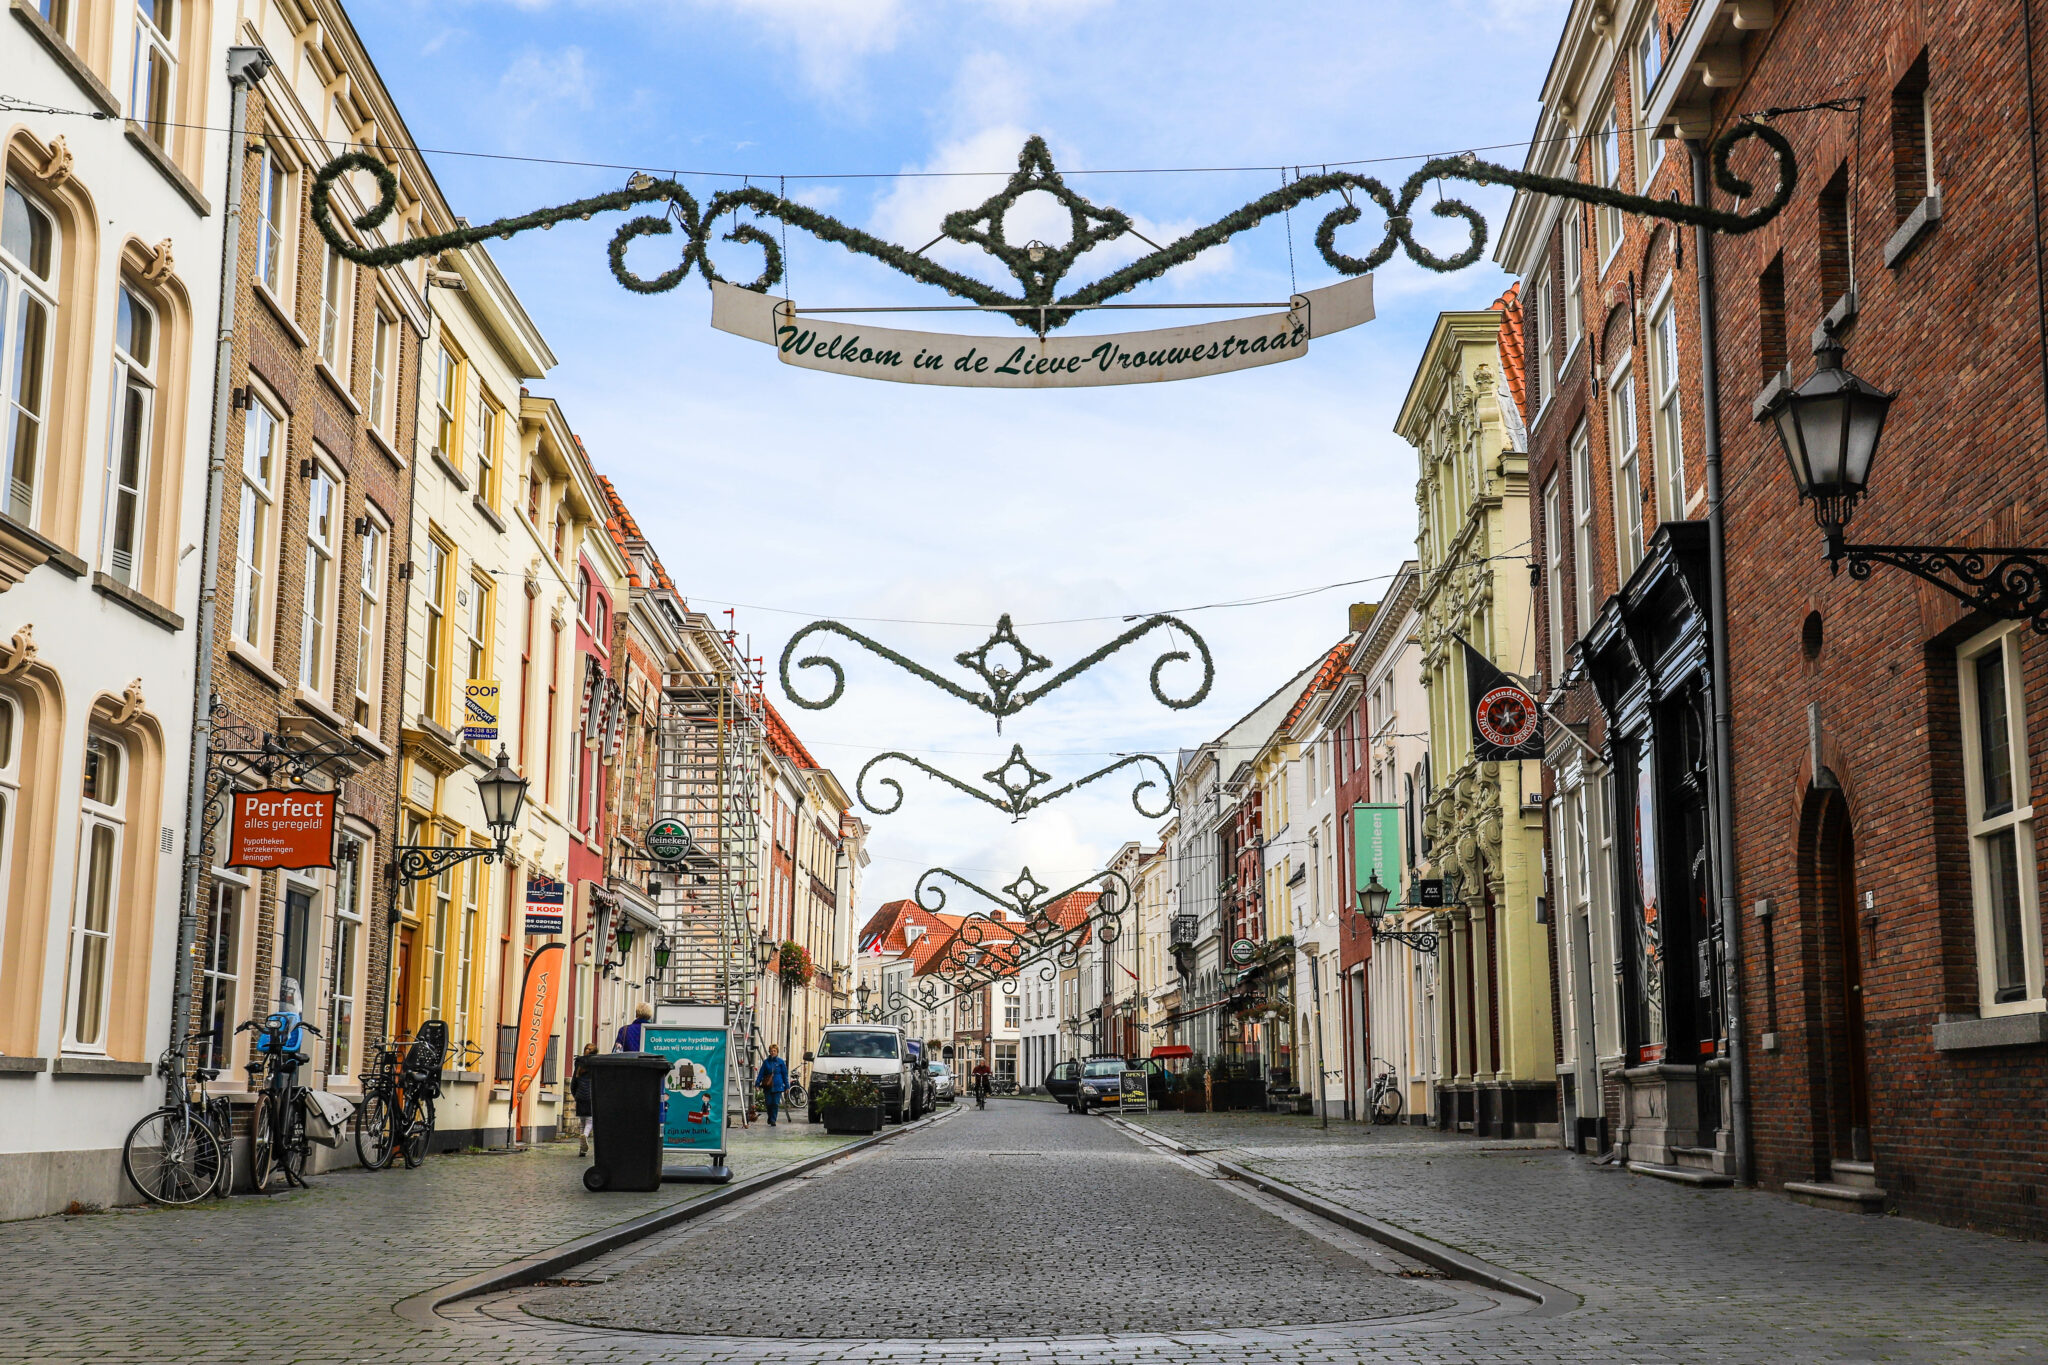 Lievevrouwestraat kerstversiering steenbergsestraat maria hoek markiezenhof casa de castro Lievevrouwestraat kerstversiering